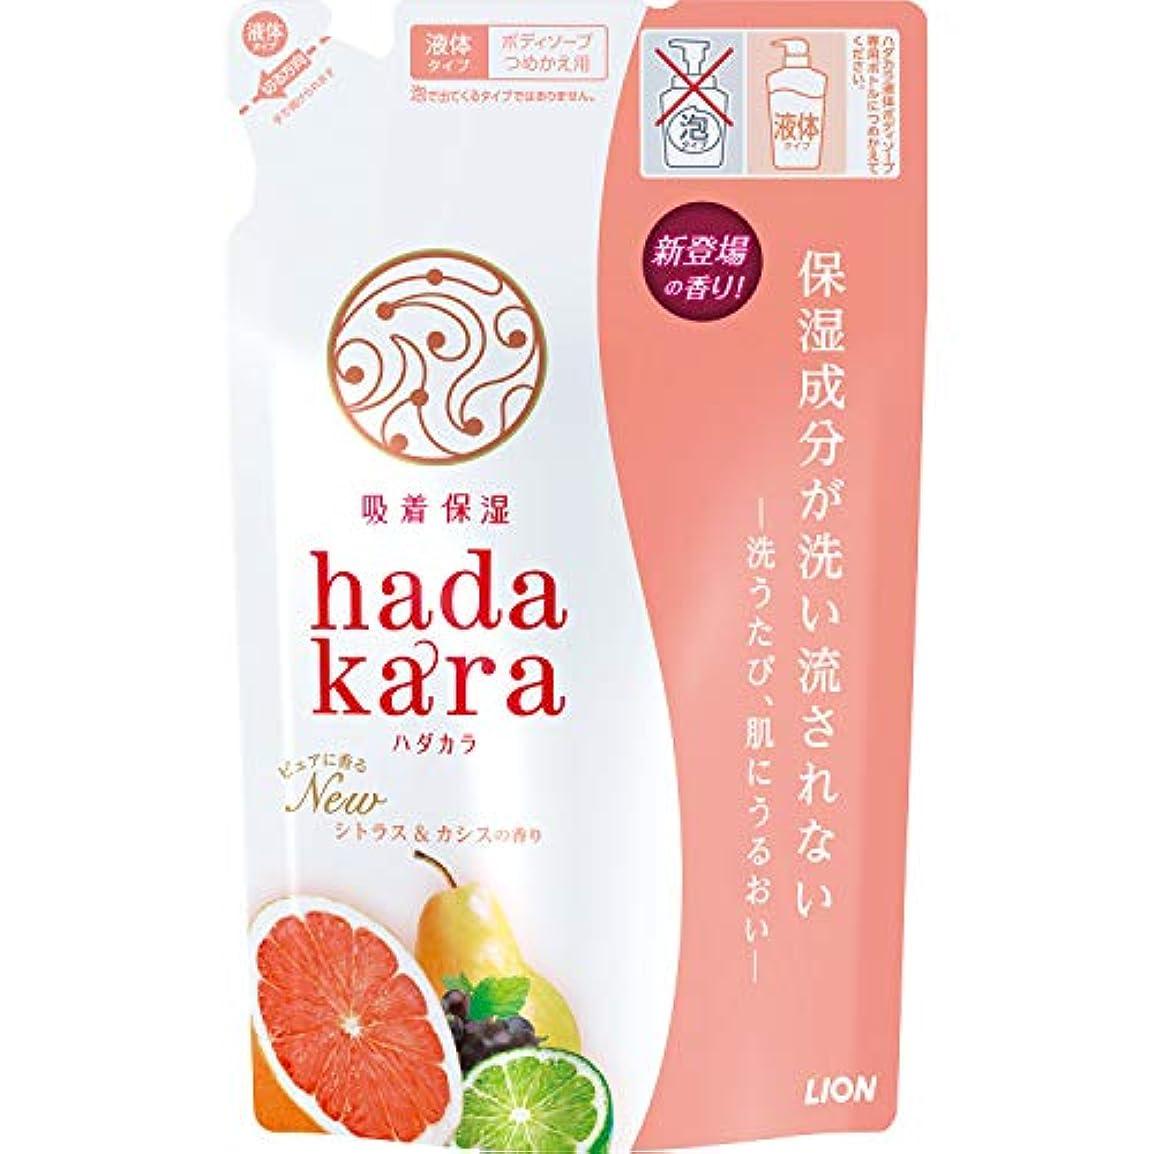 ジュニア不格好中級hadakara(ハダカラ) ボディソープ シトラス&カシスの香り つめかえ 360ml 詰替え用